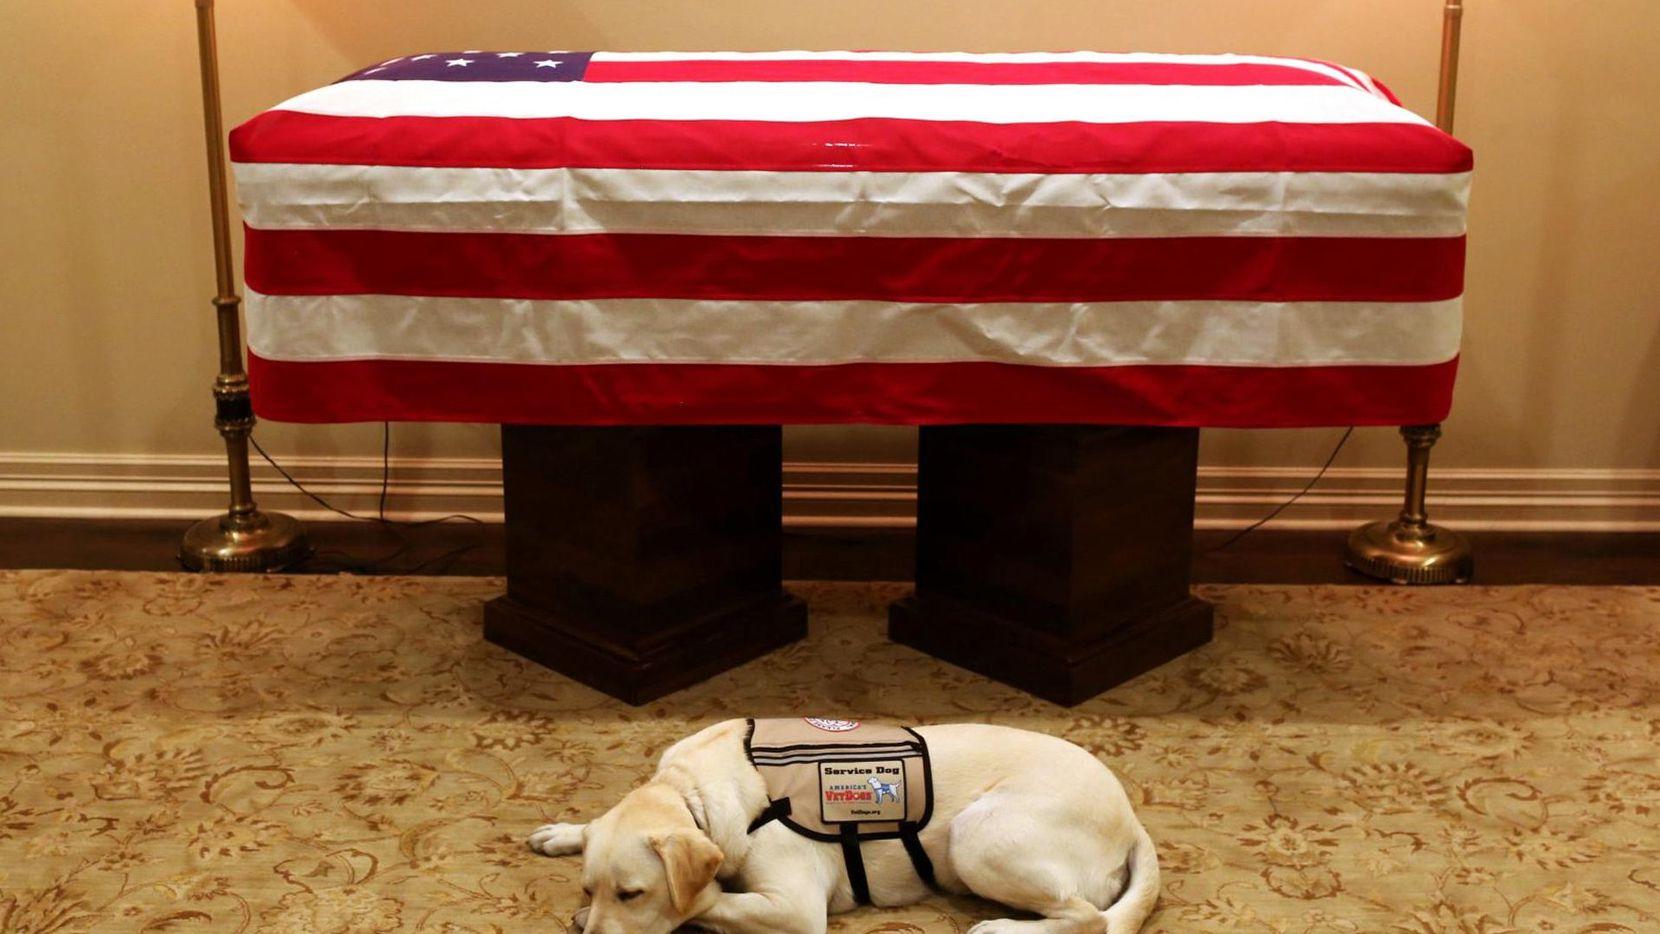 Sully junto a los restos del ex presidente George H.W. Bush. (AP/EVAN SISLEY)